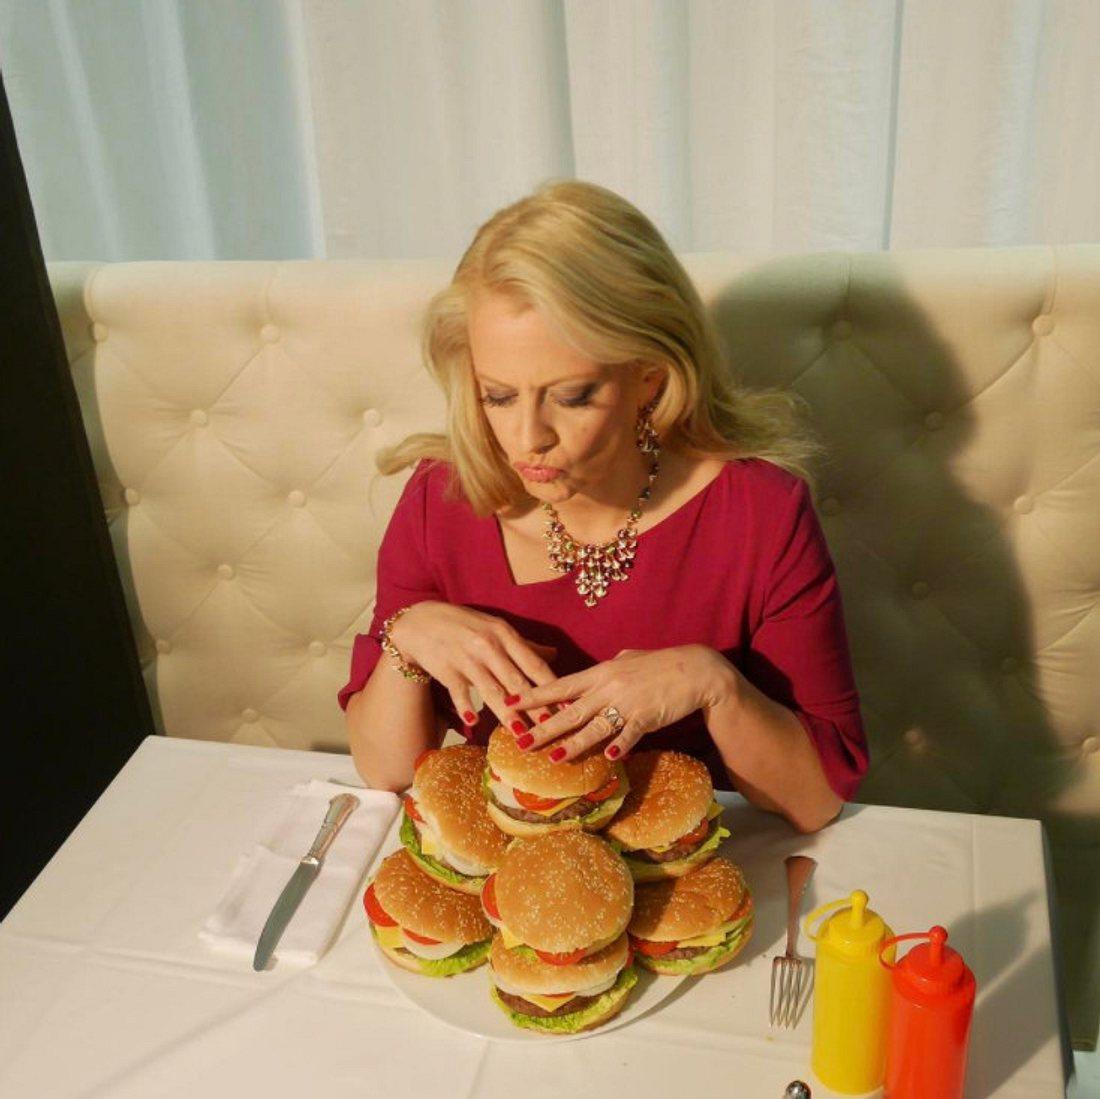 Barbara Schöneberger darf nicht zu dünn werden